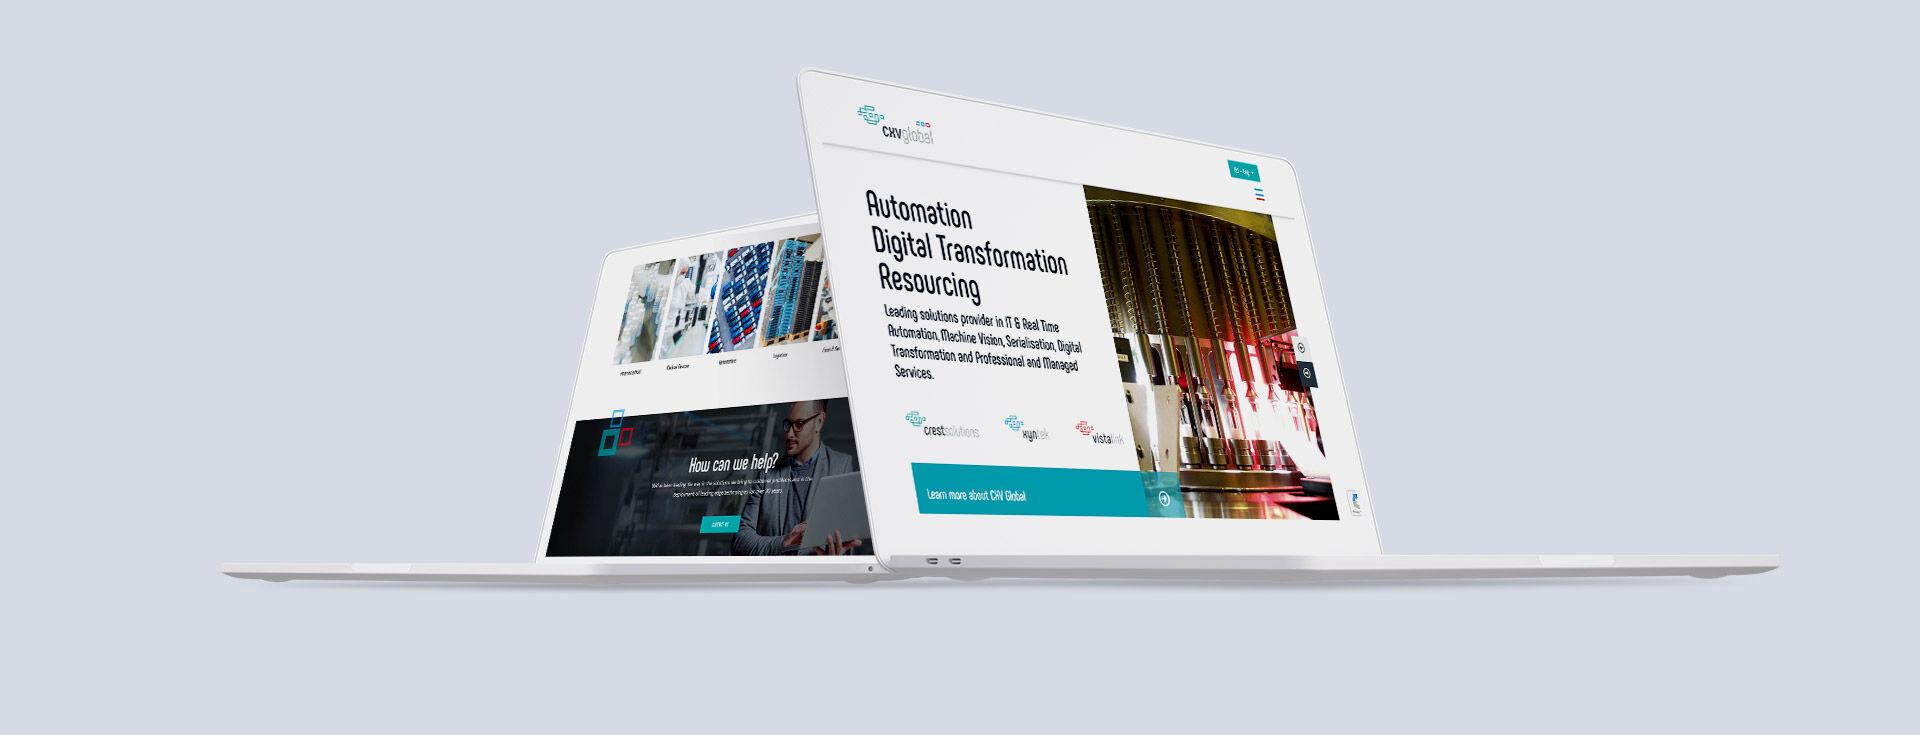 CXV website design mockup for desktop